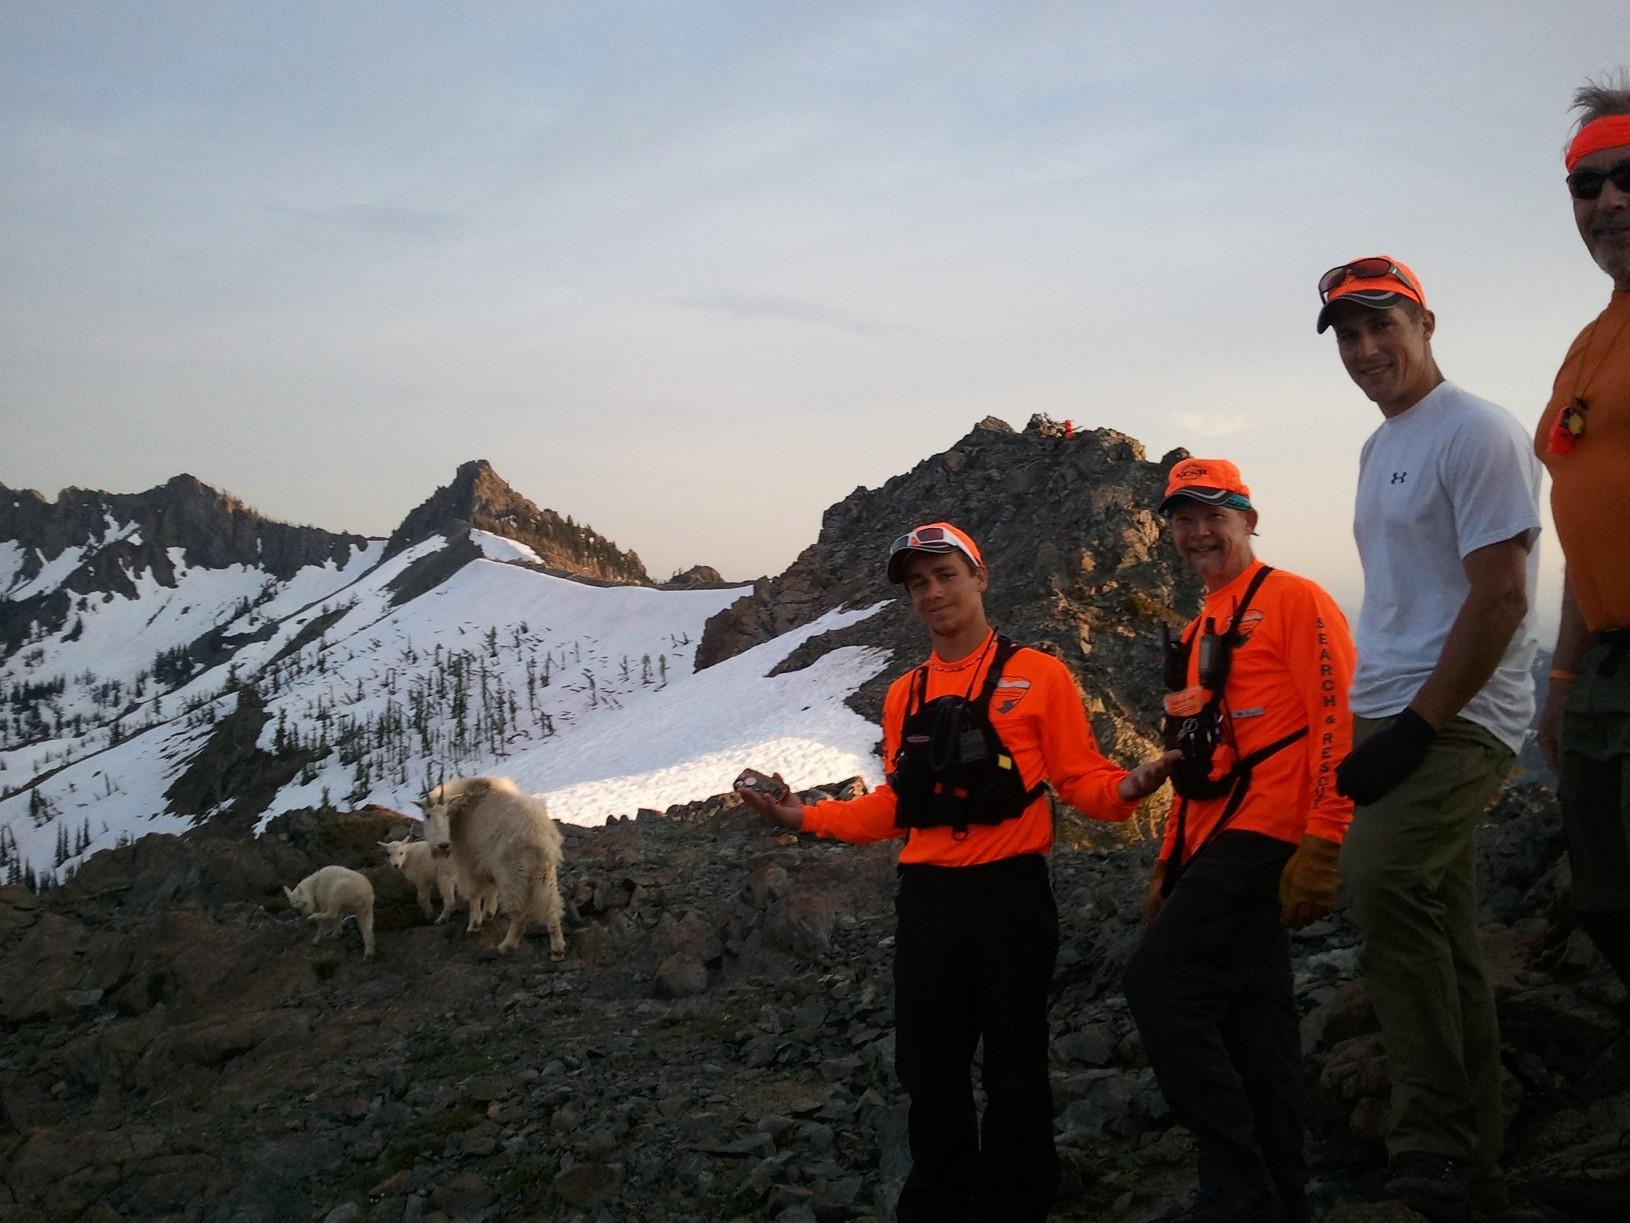 Goat observation team